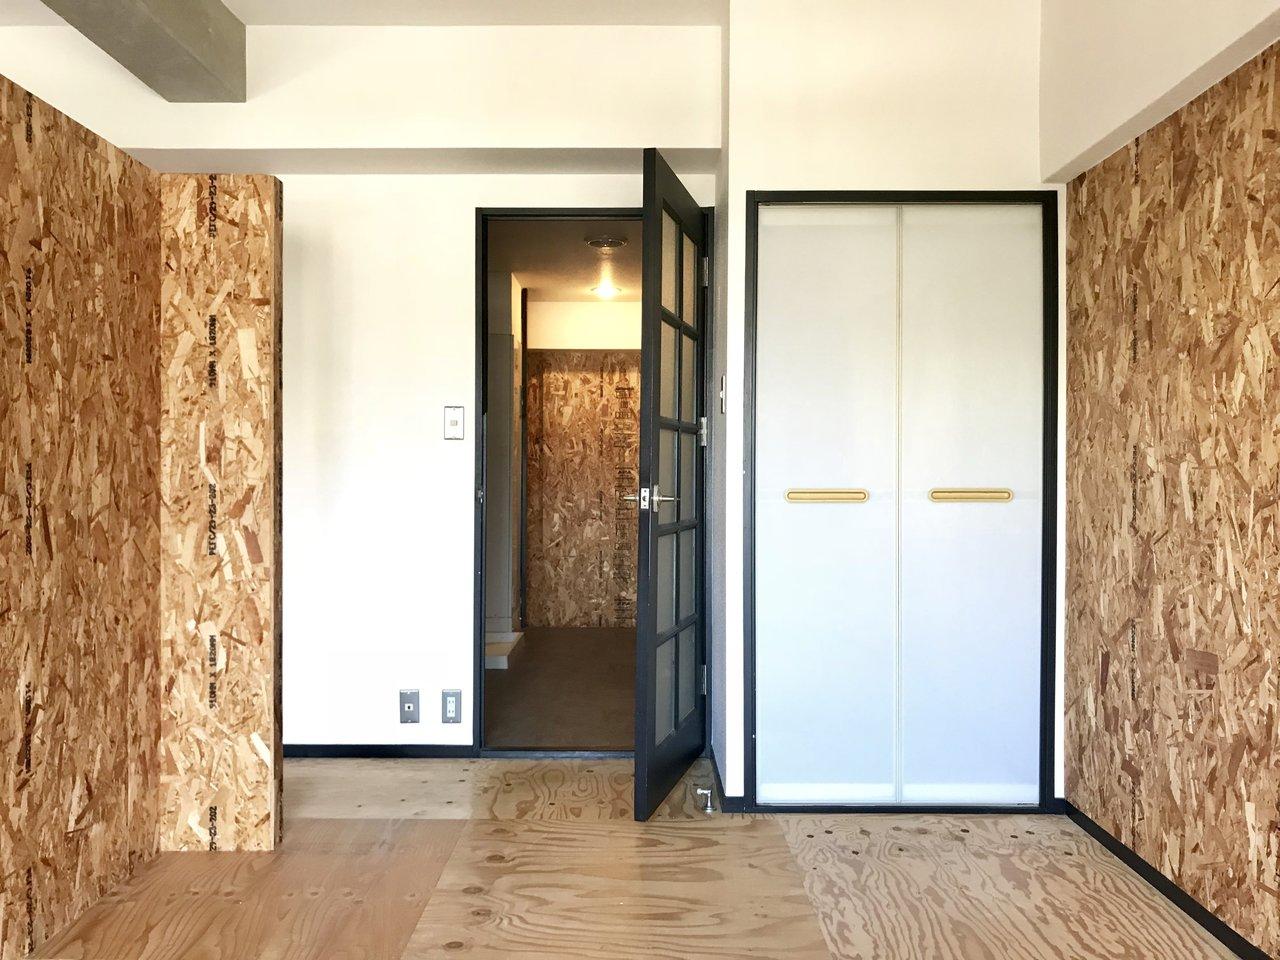 寝室側はこんな感じ。全面がこの壁なわけじゃなく、要所要所に用いられている感じが、おしゃれです。